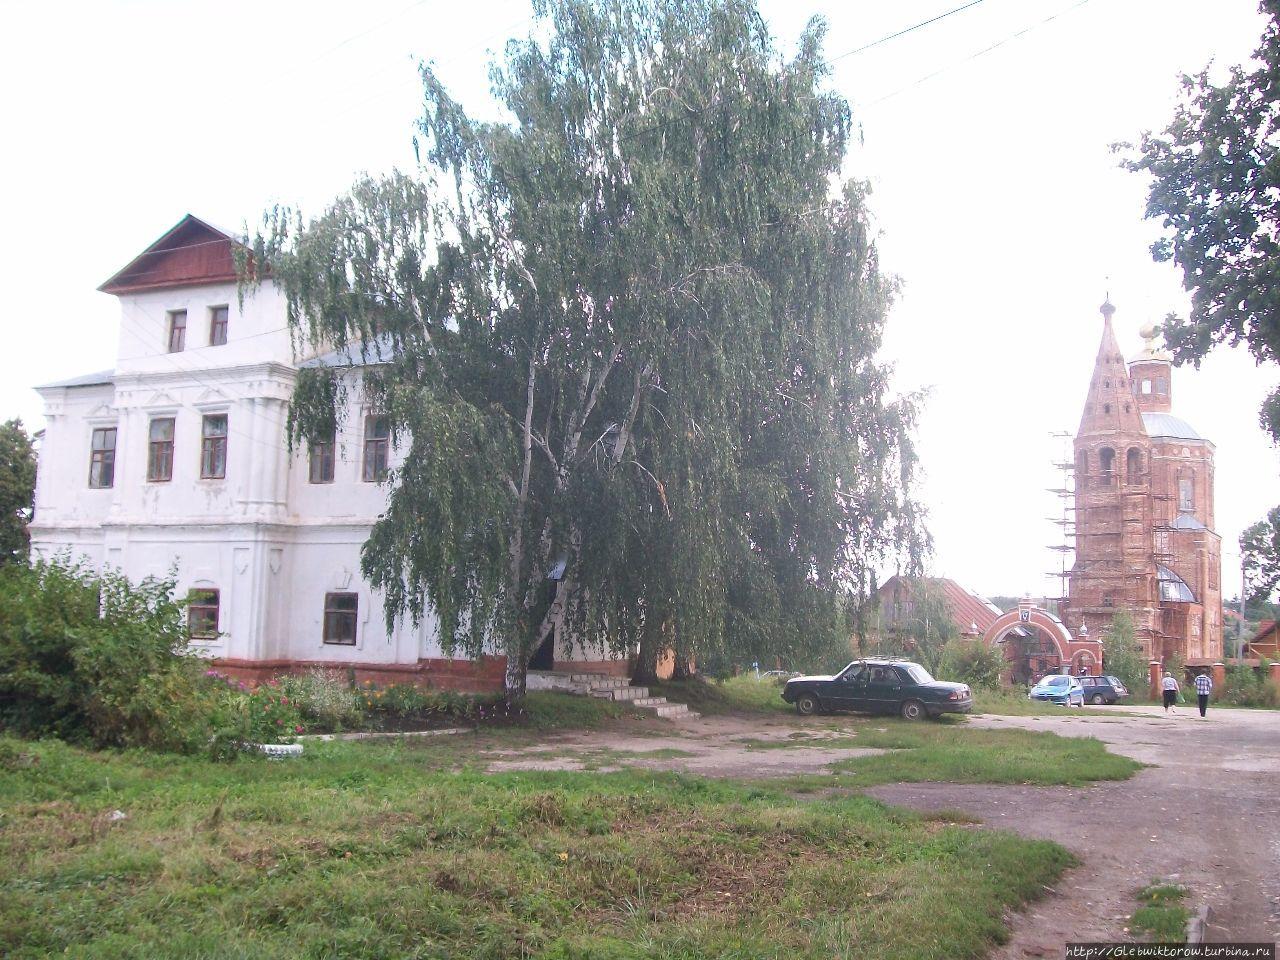 Осмотр немногочисленных достопримечательностей Венёв, Россия